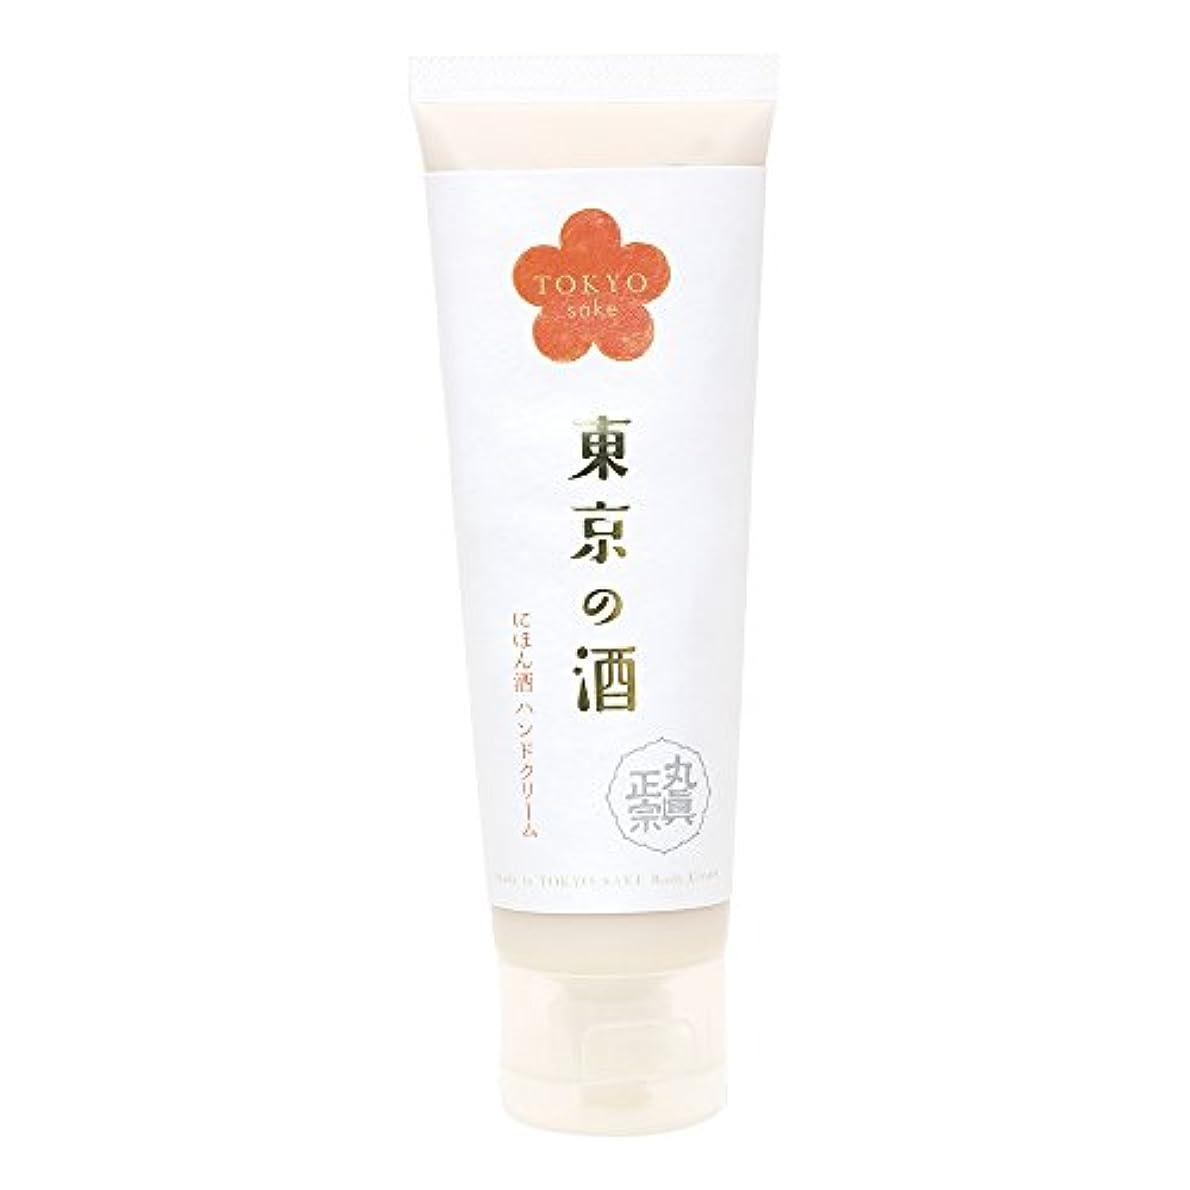 万歳削る夏ノルコーポレーション 東京の酒 ハンドクリーム OB-TKY-2-1 65~70g